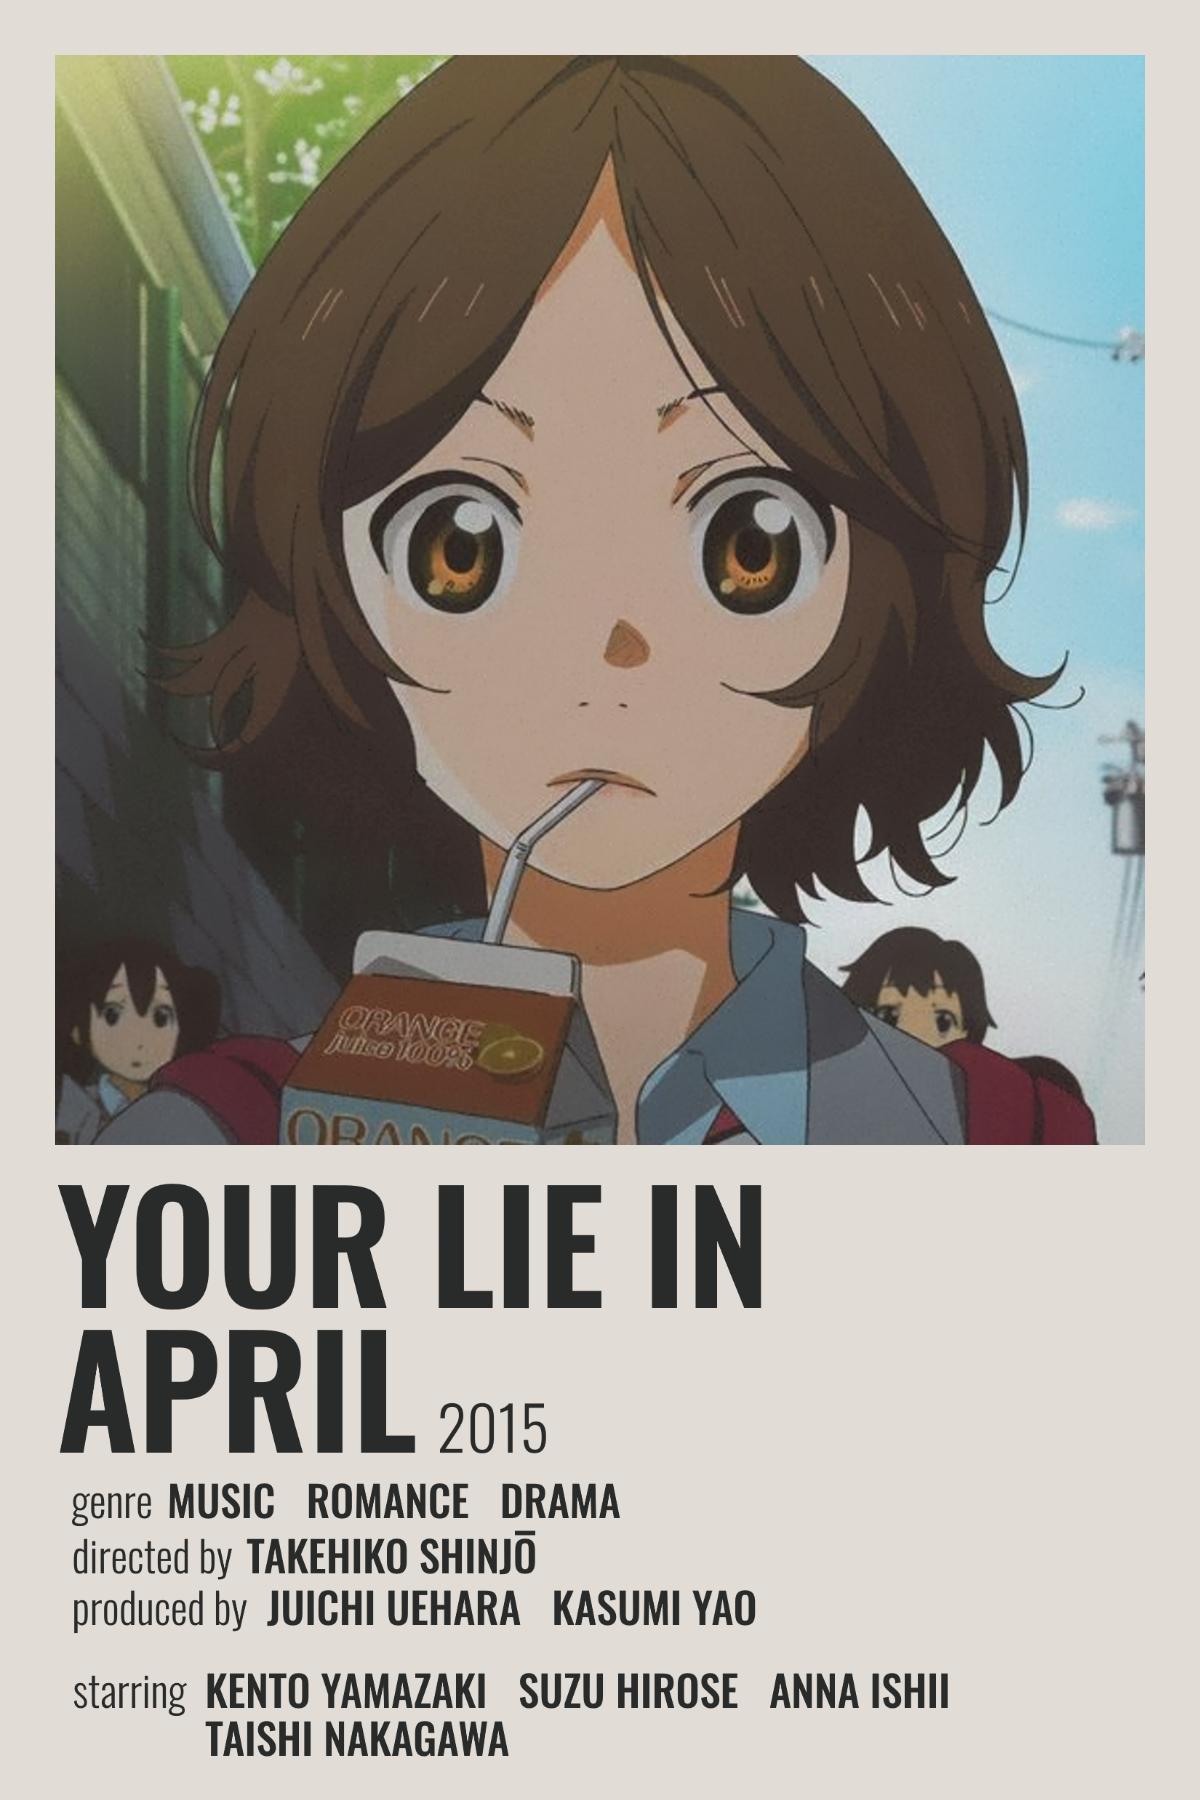 𝘆𝗼𝘂𝗿 𝗹𝗶𝗲 𝗶𝗻 𝗮𝗽𝗿𝗶𝗹 𝗽𝗼𝘀𝘁𝗲𝗿 anime